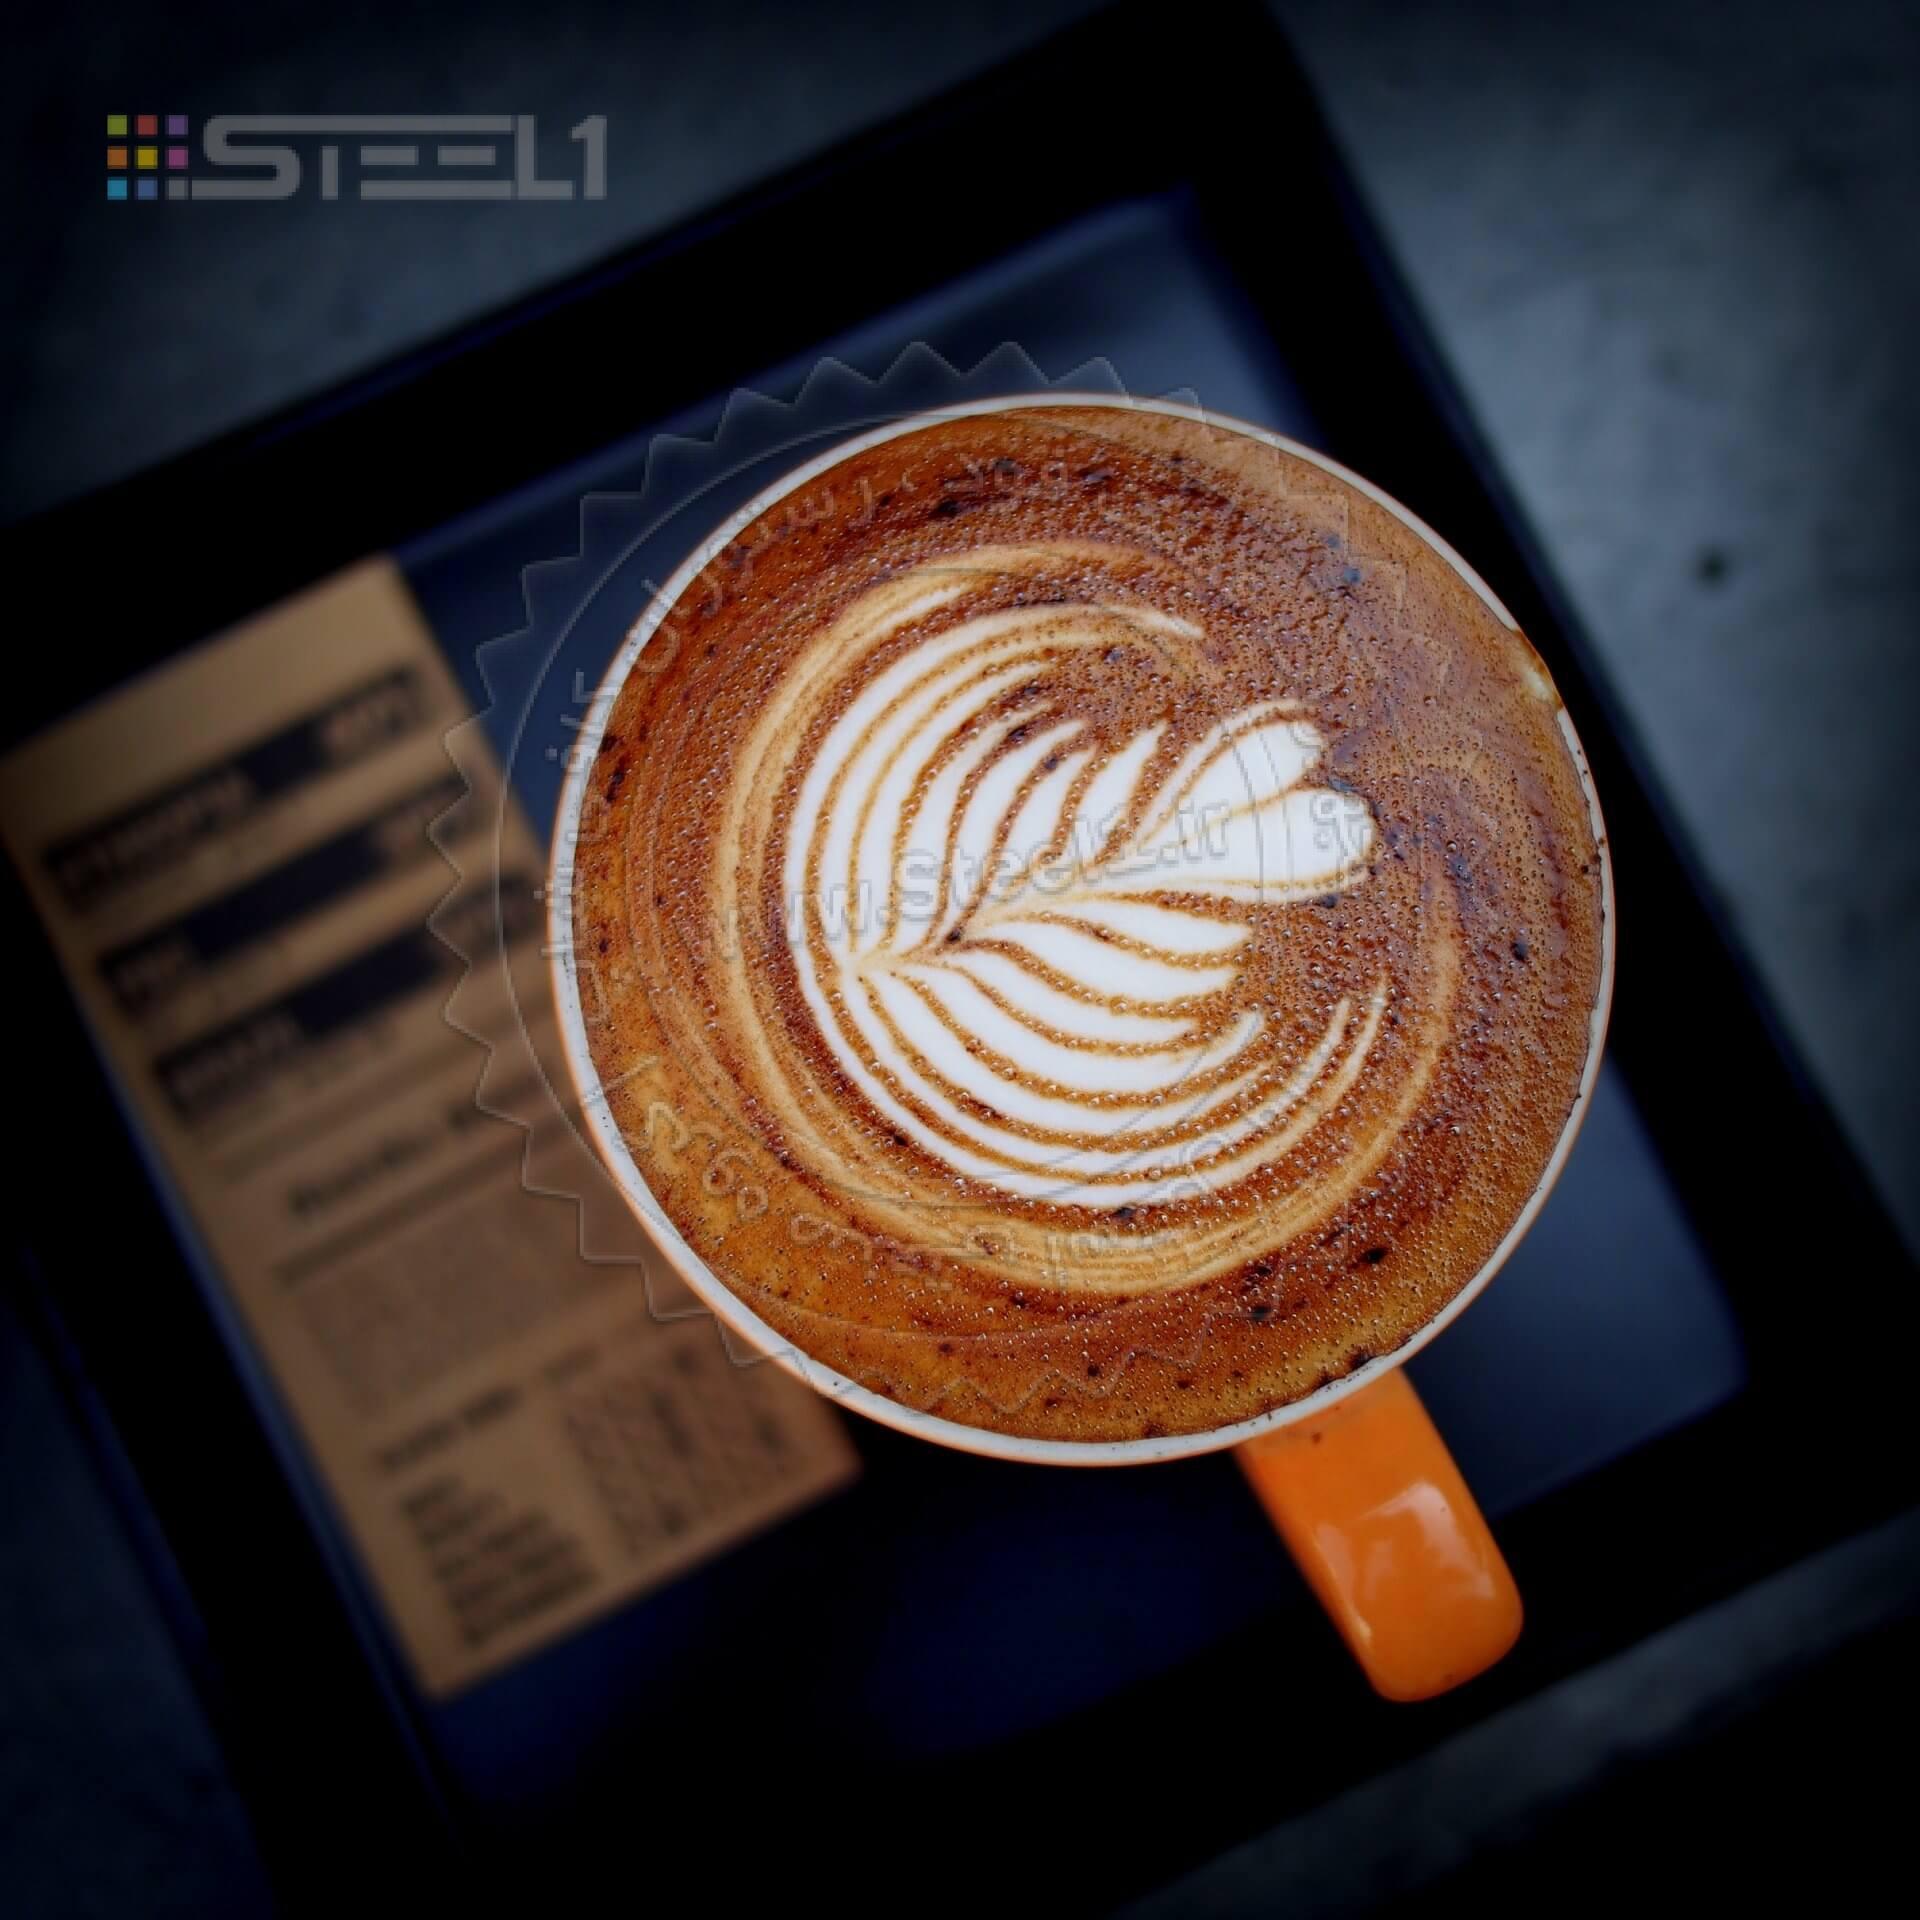 آماده سازی قهوه و تجهیزات قهوه